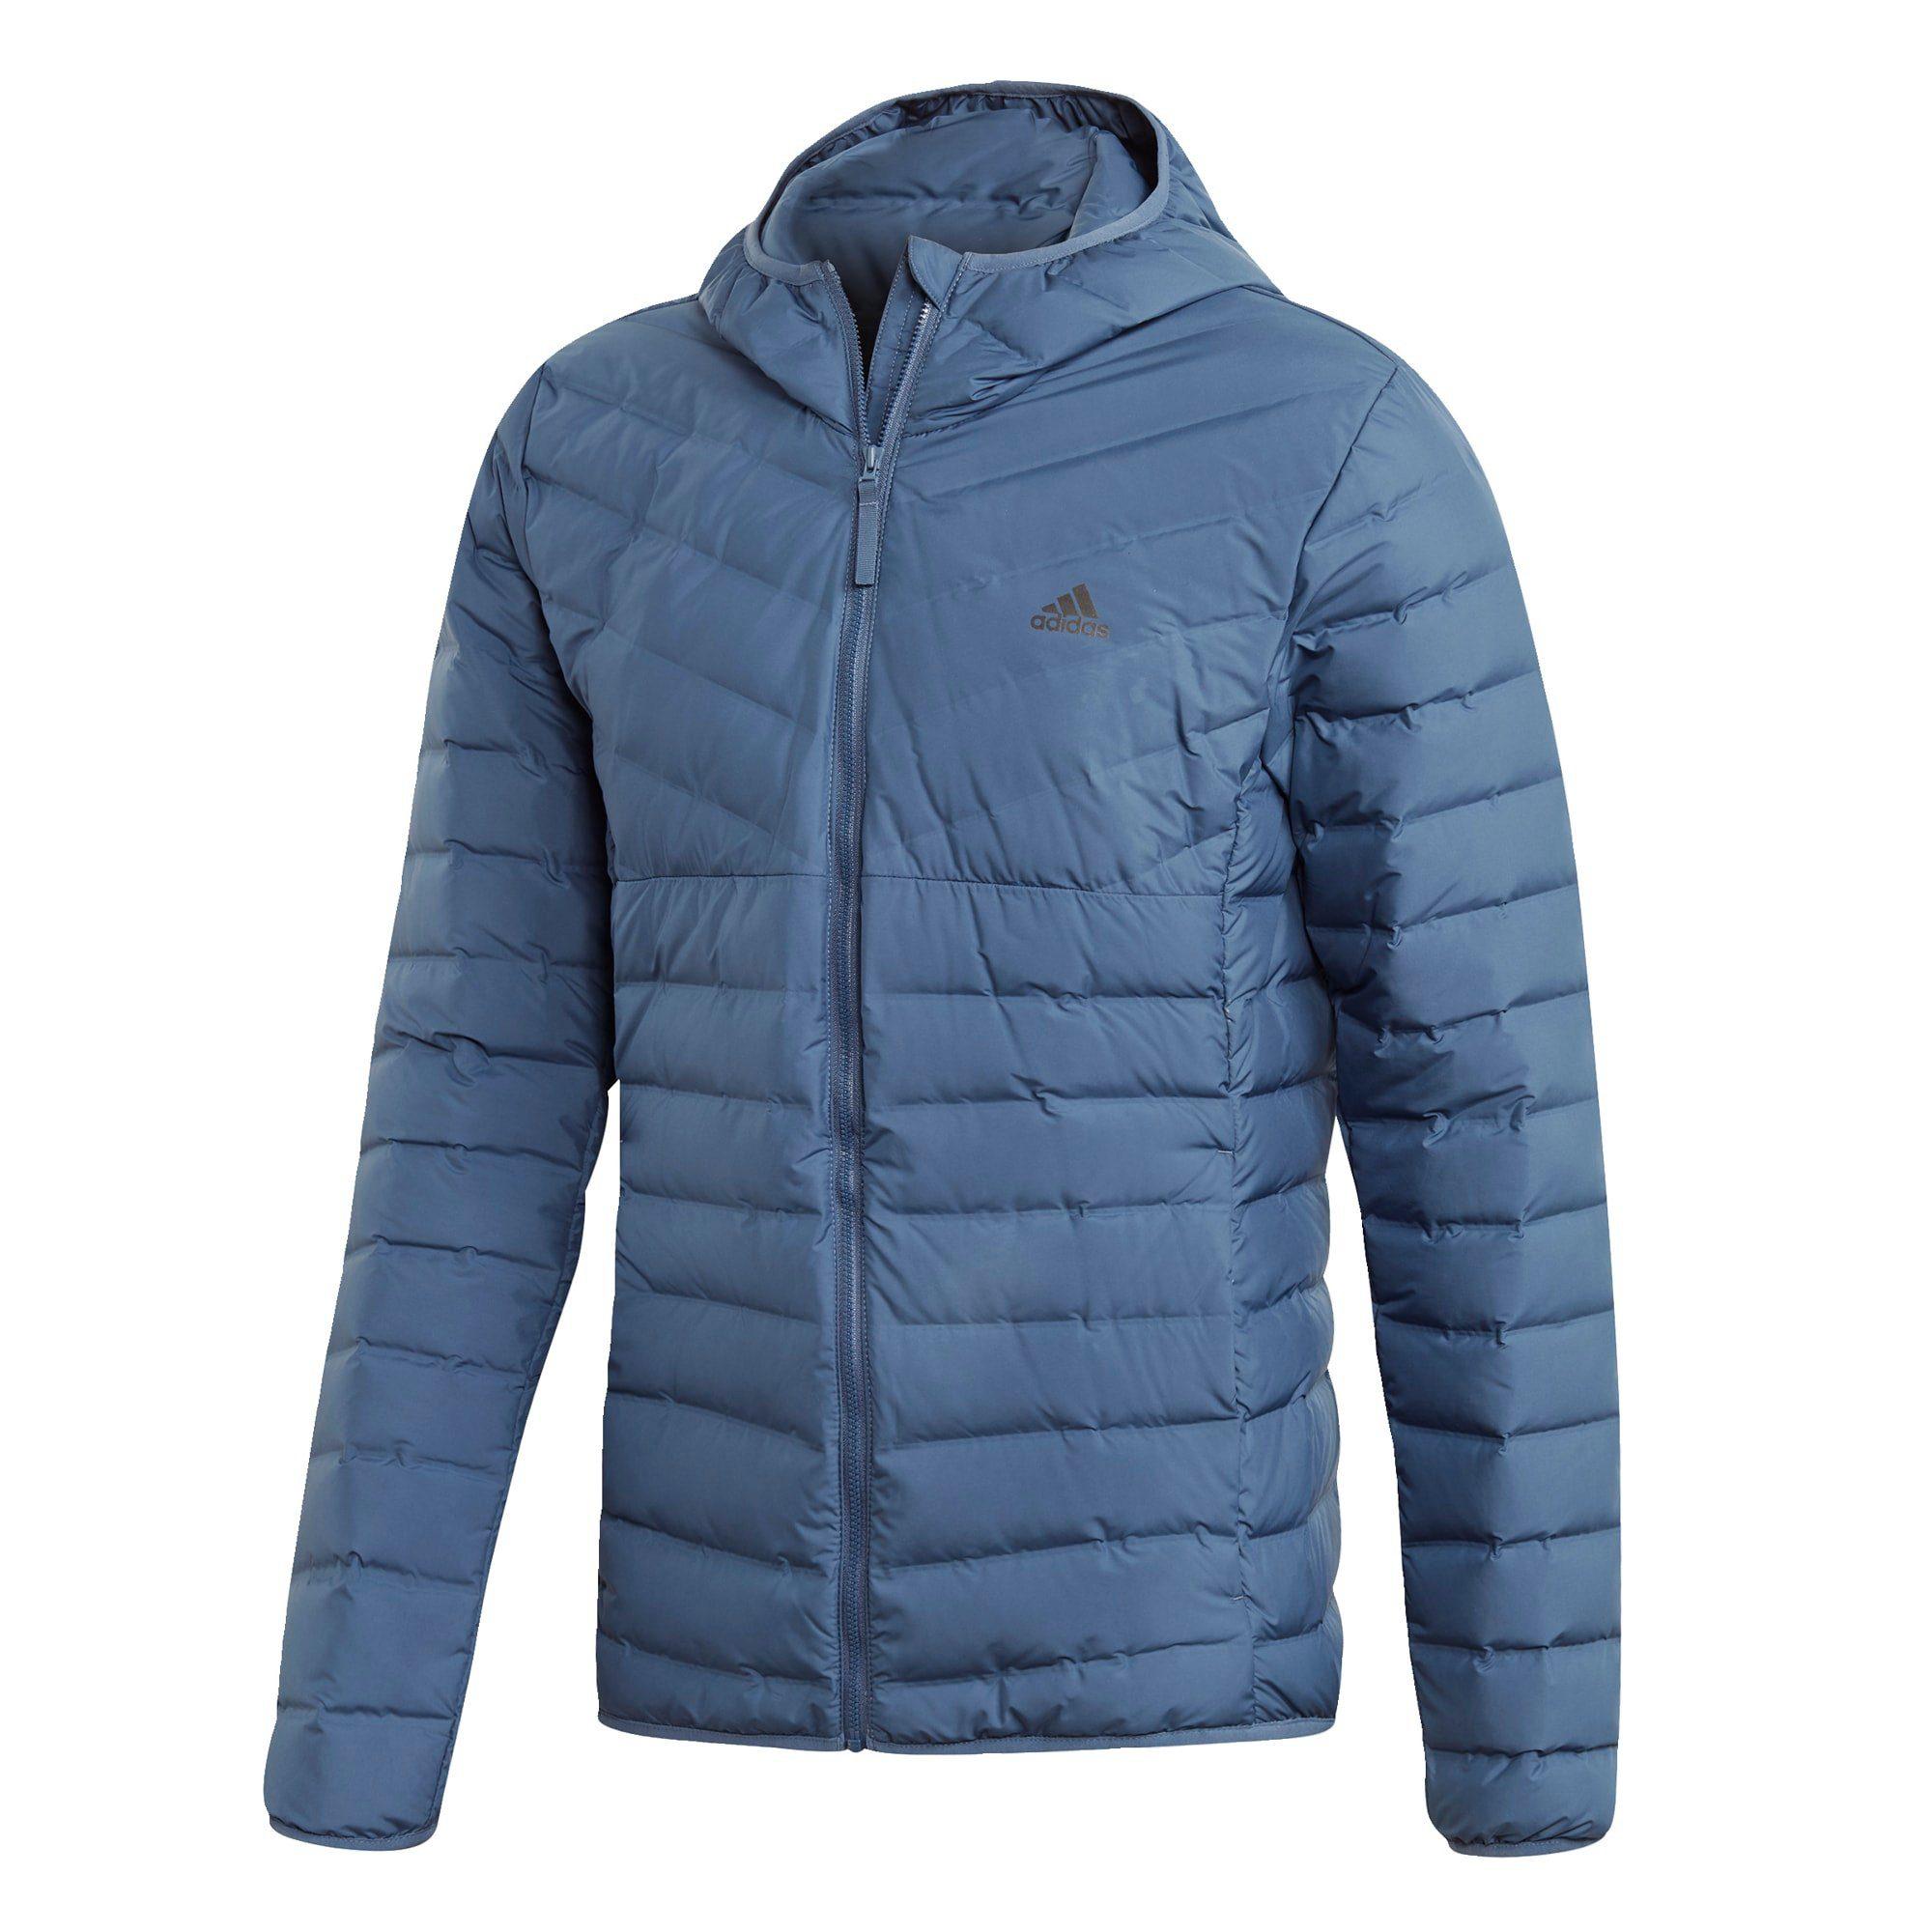 adidas Performance Funktionsjacke »Varilite Soft 3 Streifen Hooded Jacke« online kaufen | OTTO